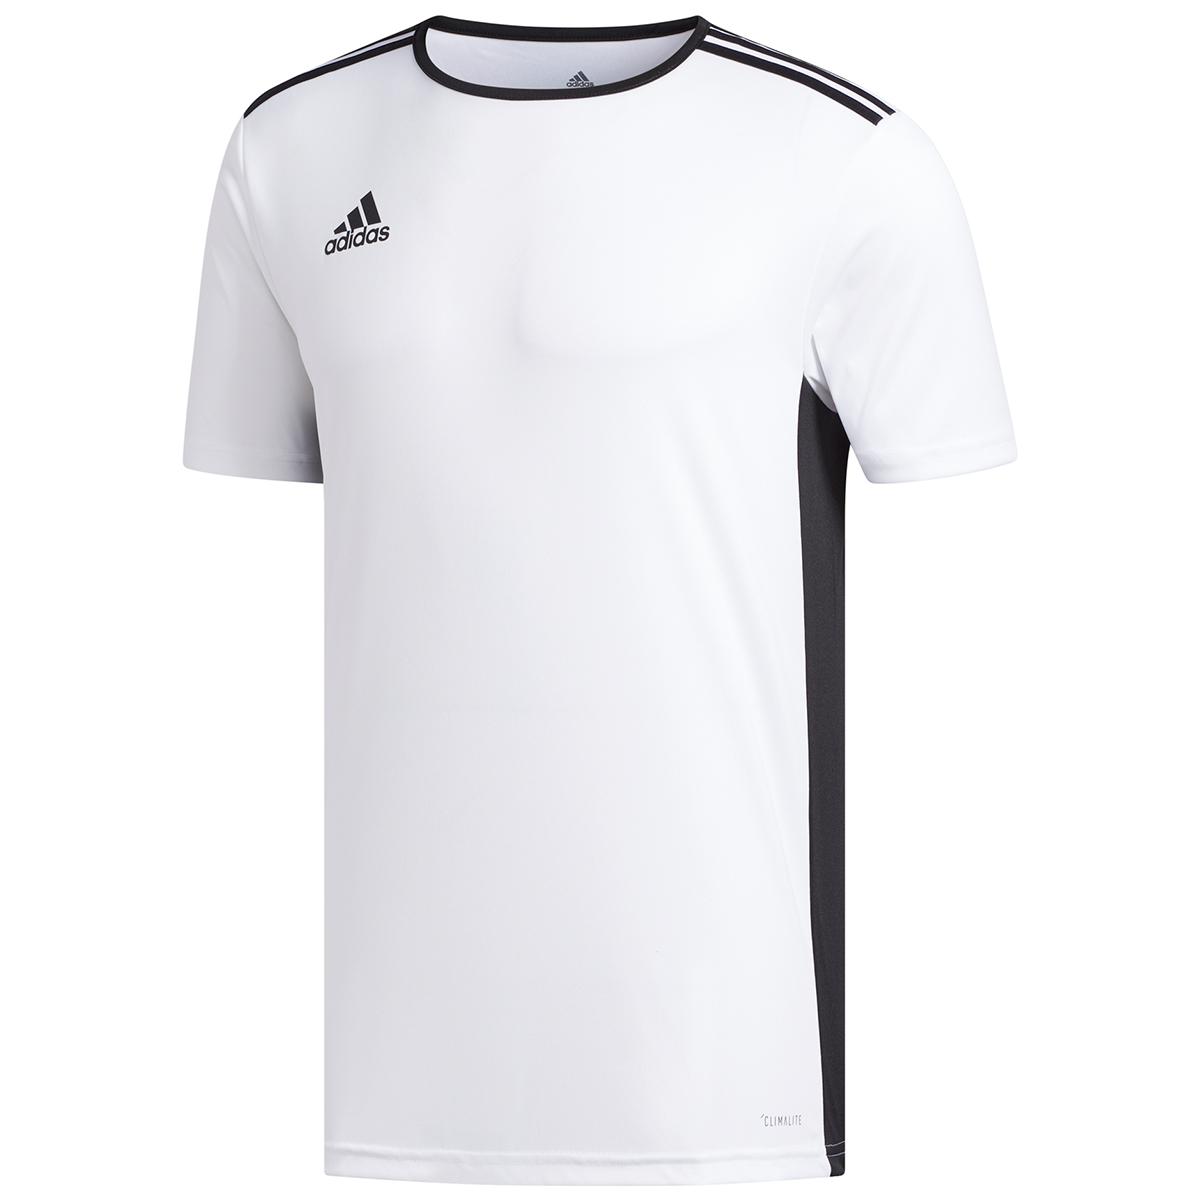 Adidas Men's Entrada 18 Soccer Jersey - White, XXL